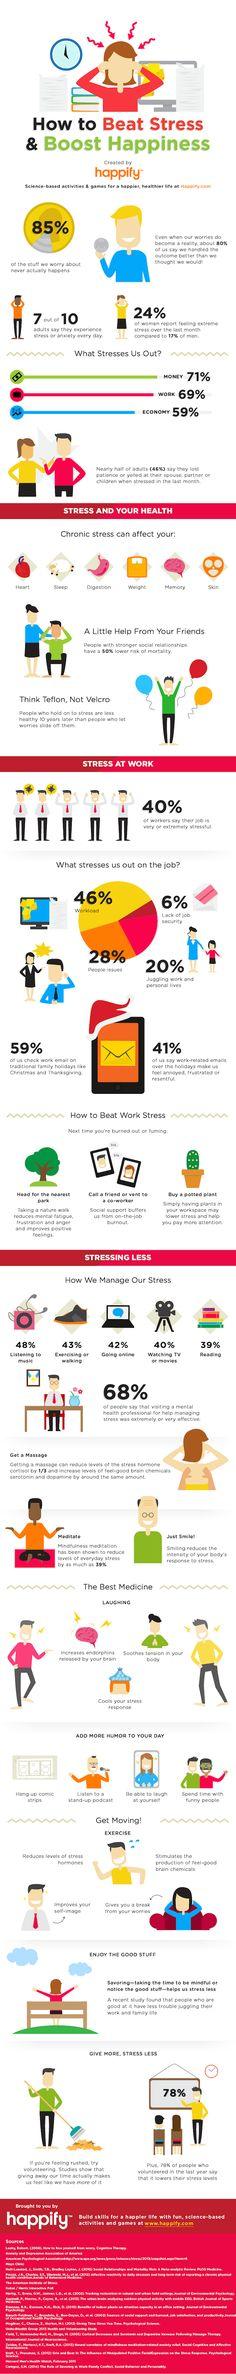 Aqui 1 infográfico que pode ajudar a evitar o estresse e ser mais feliz :-D - Blue Bus